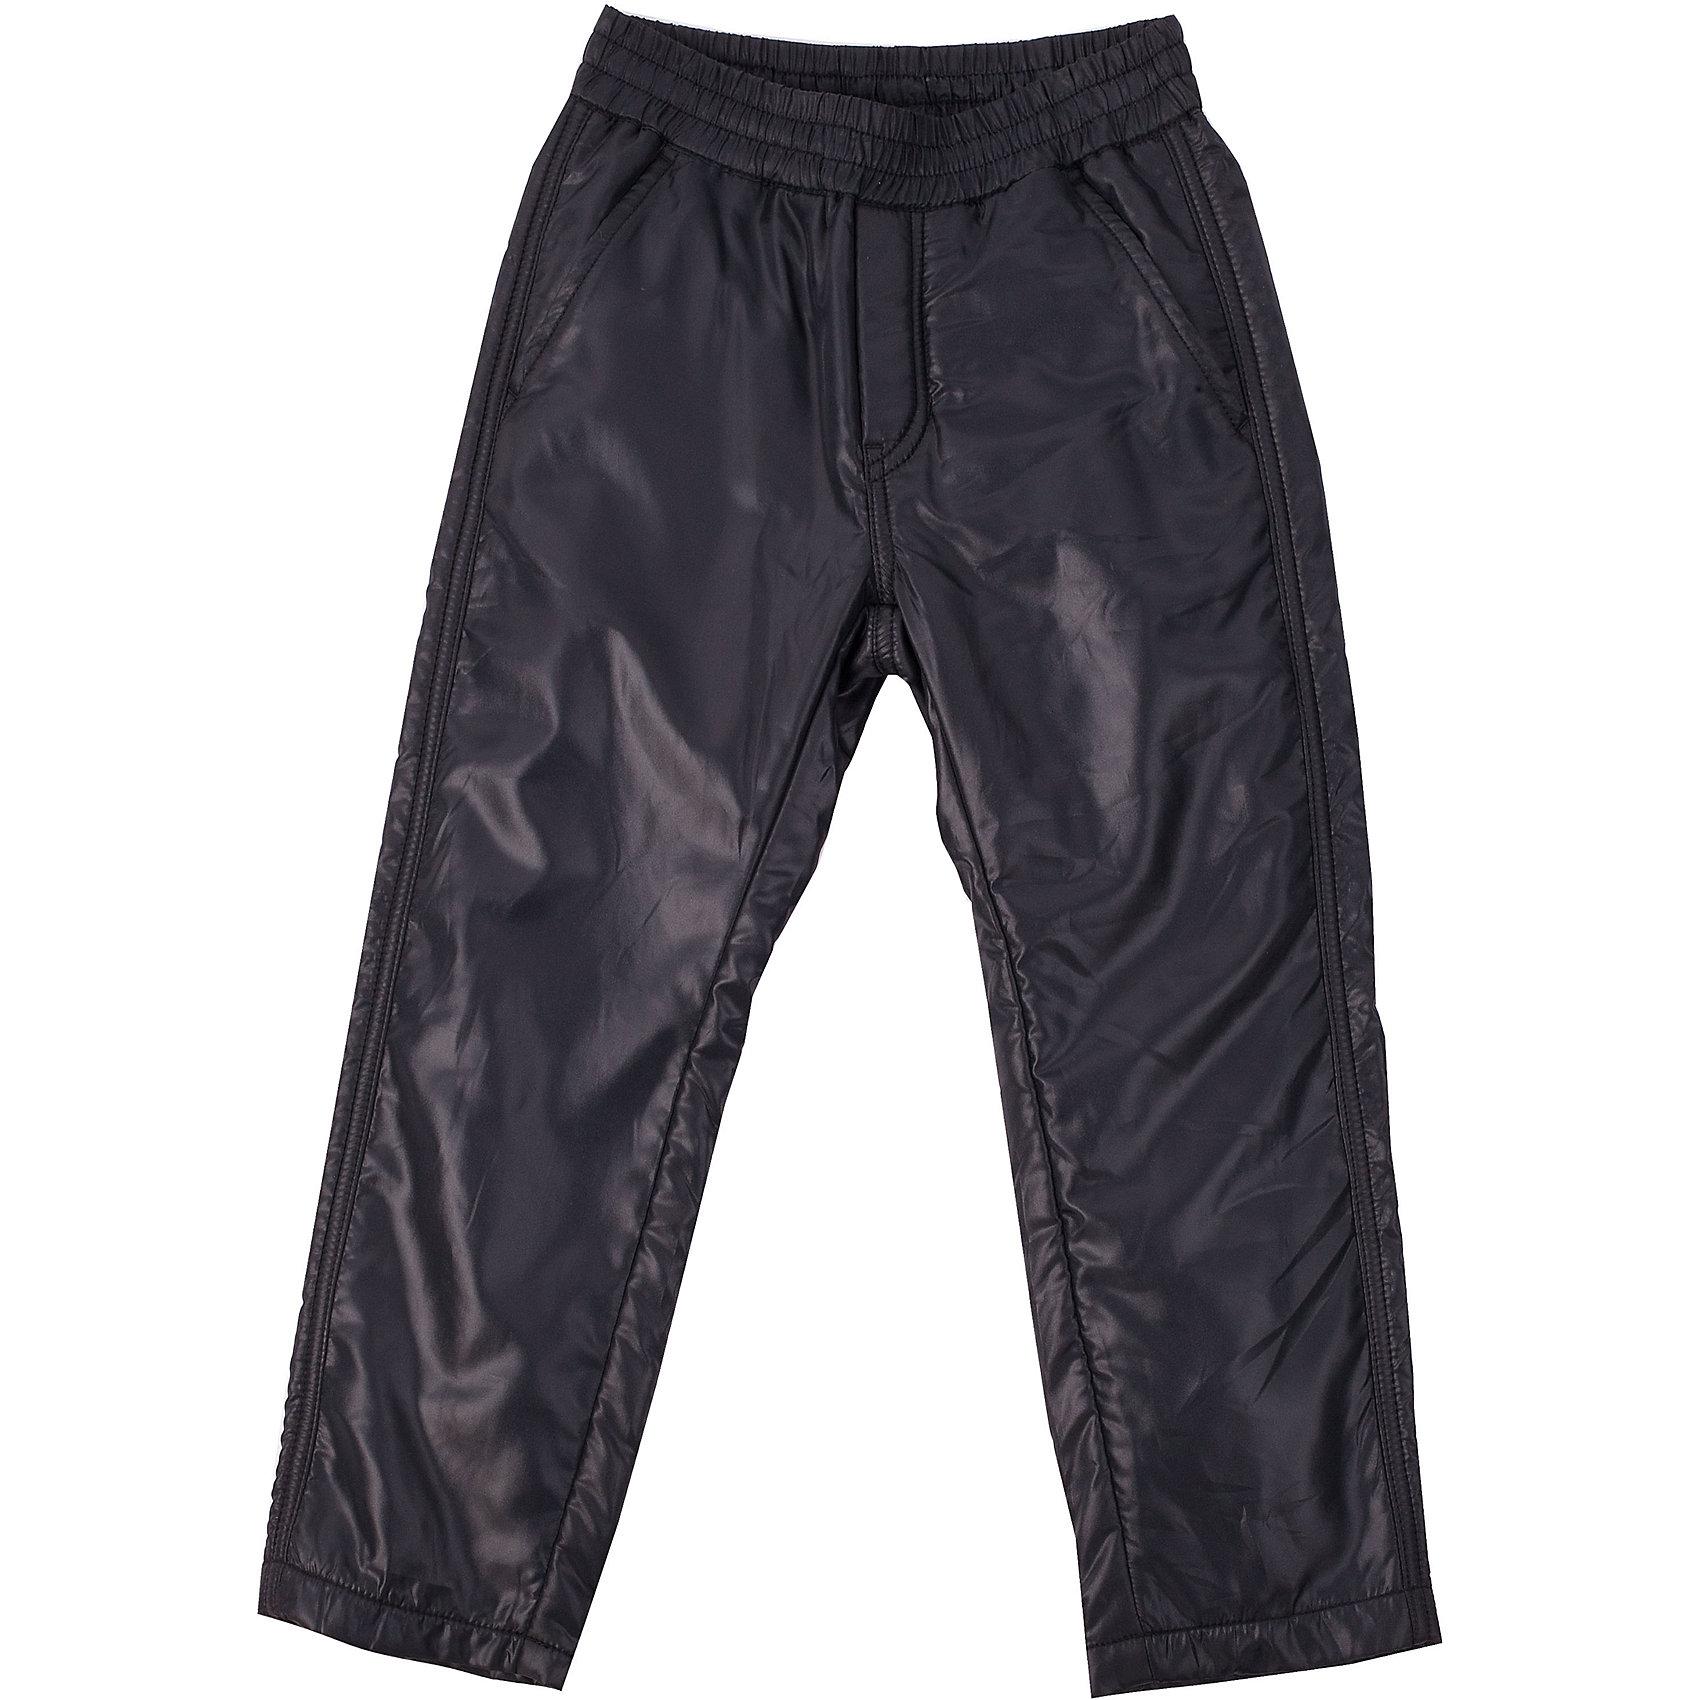 Брюки для мальчика Button BlueПлащевые брюки на флисе - гарантия тепла и защиты от влаги в прохладный промозглый день. Брюки имеют пояс на резинке и внутреннюю утяжку для комфортной носки.<br>Состав:<br>тк. верха:   100%полиэстер,                           подкл.:  100%полиэстер<br><br>Ширина мм: 215<br>Глубина мм: 88<br>Высота мм: 191<br>Вес г: 336<br>Цвет: черный<br>Возраст от месяцев: 48<br>Возраст до месяцев: 60<br>Пол: Мужской<br>Возраст: Детский<br>Размер: 146,128,116,158,110,140,122,134,104,152<br>SKU: 4226908